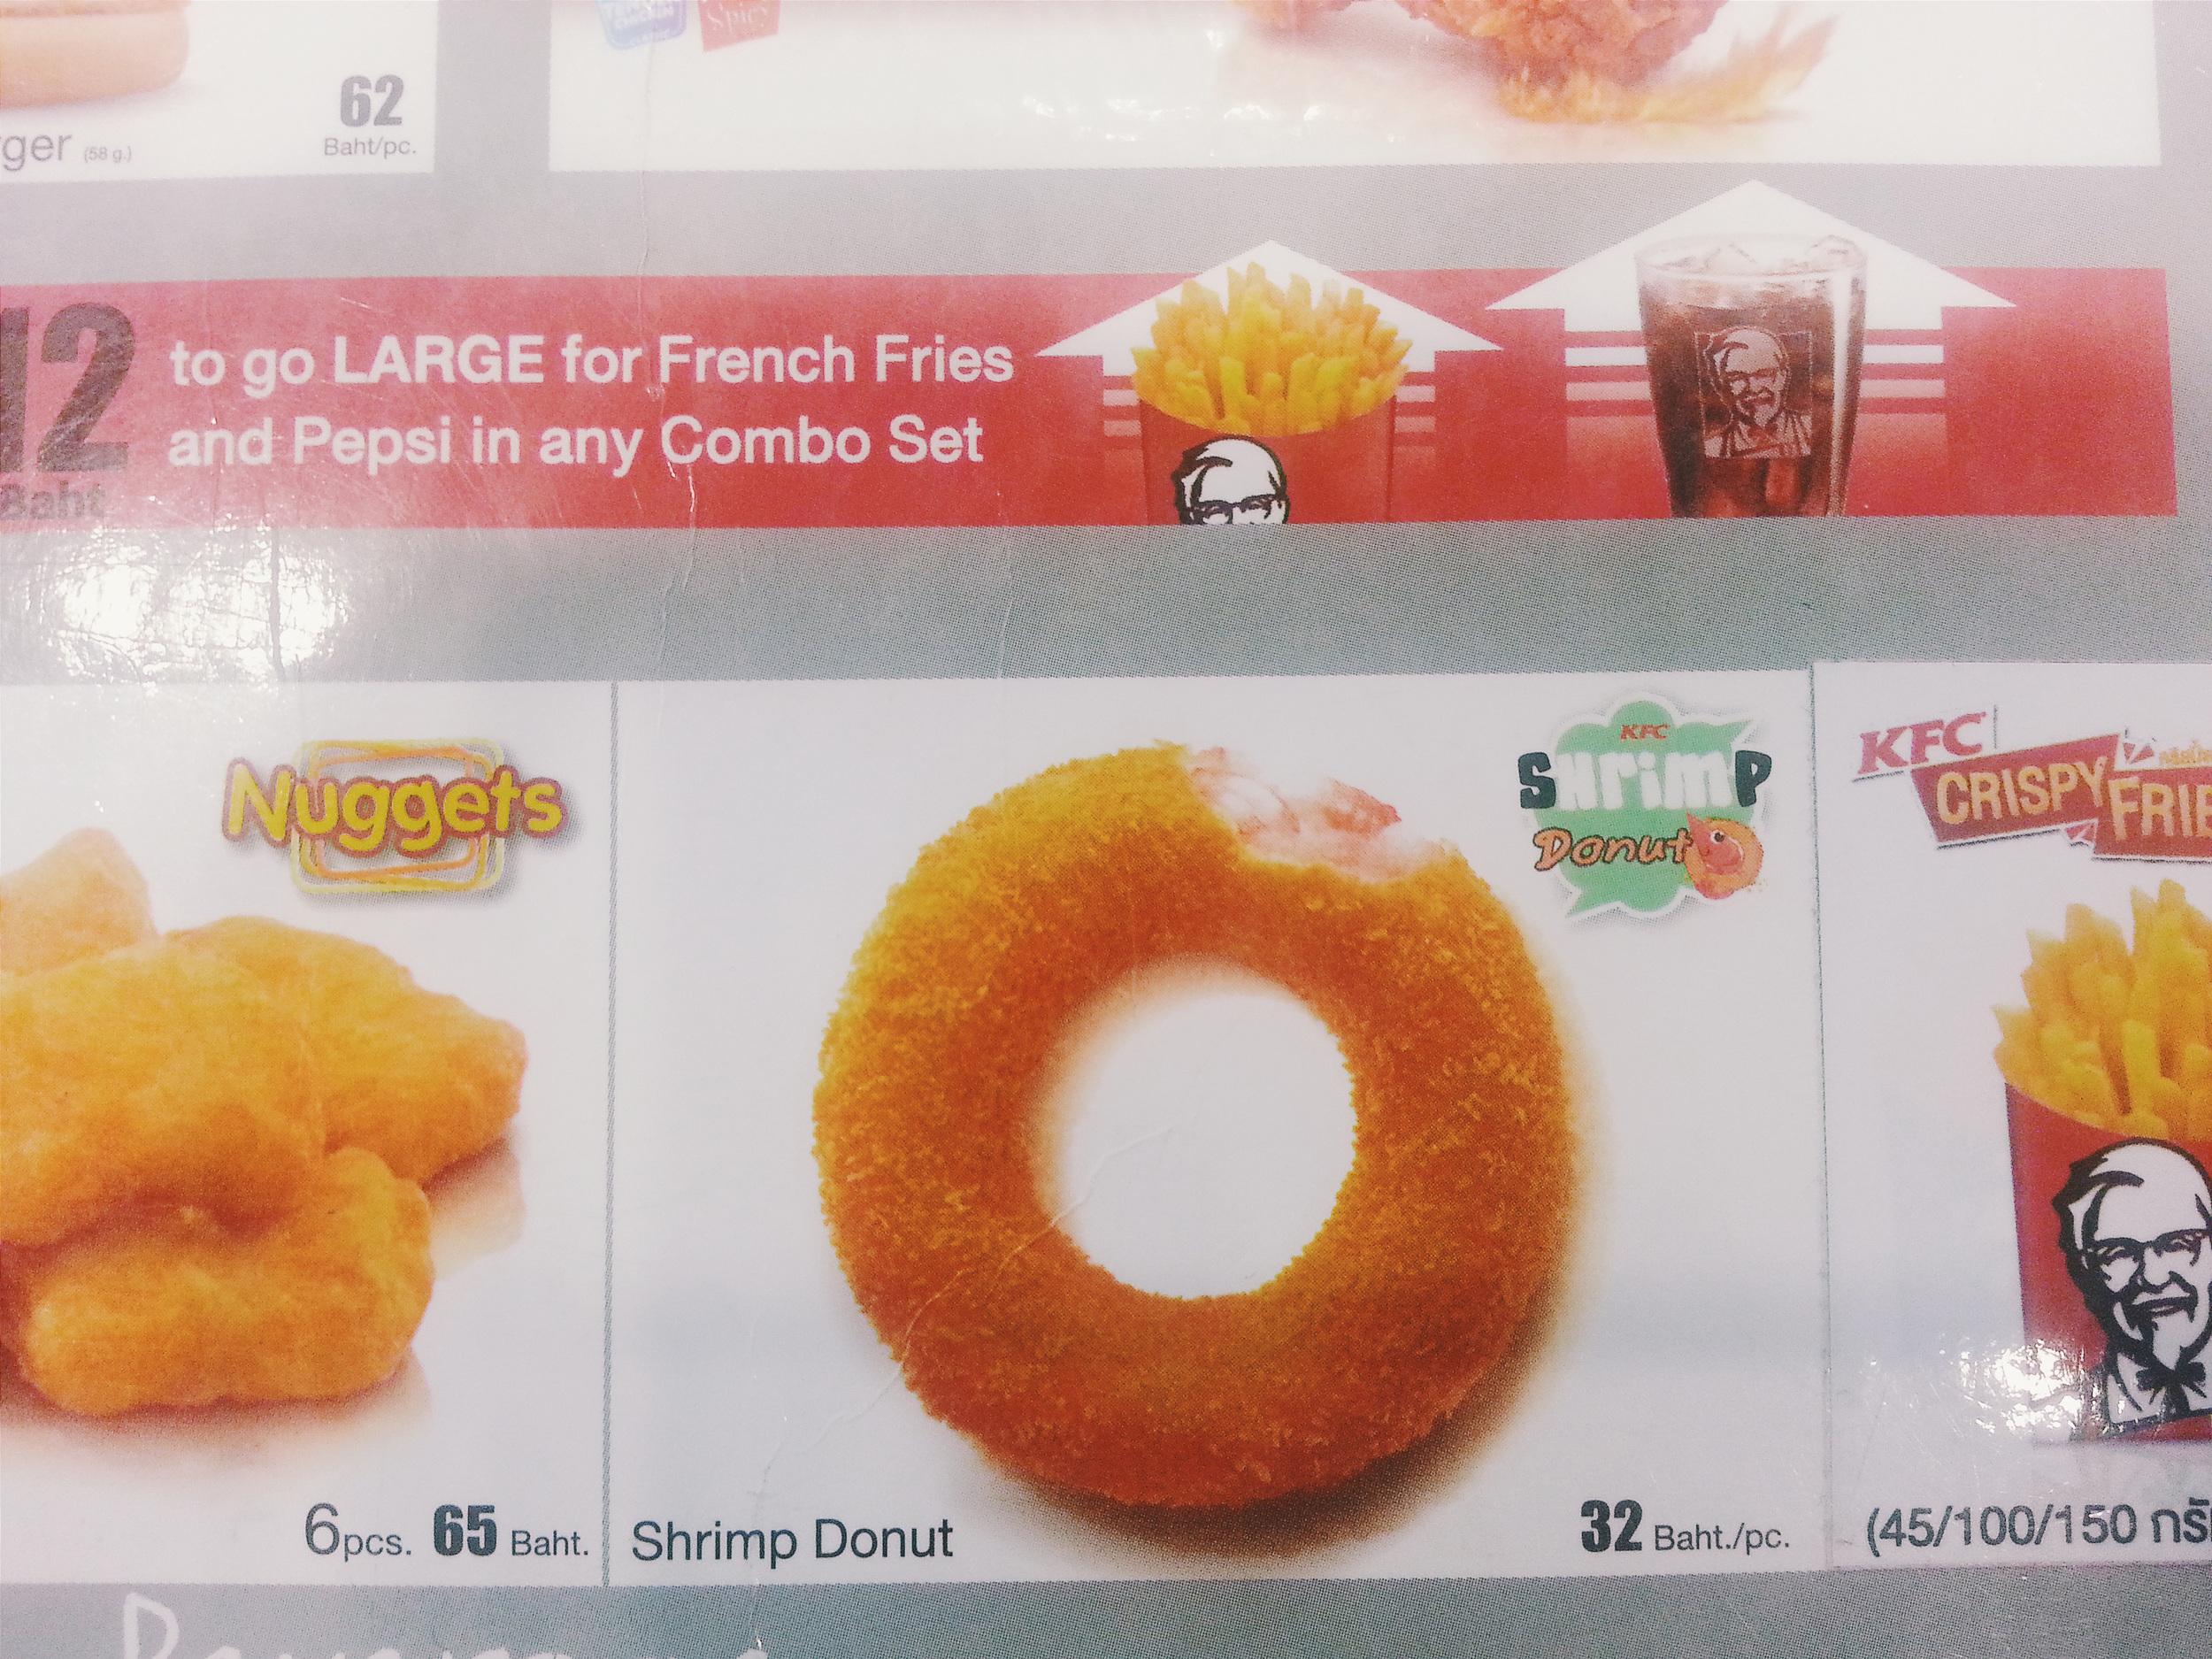 thailand kfc shrimp donut